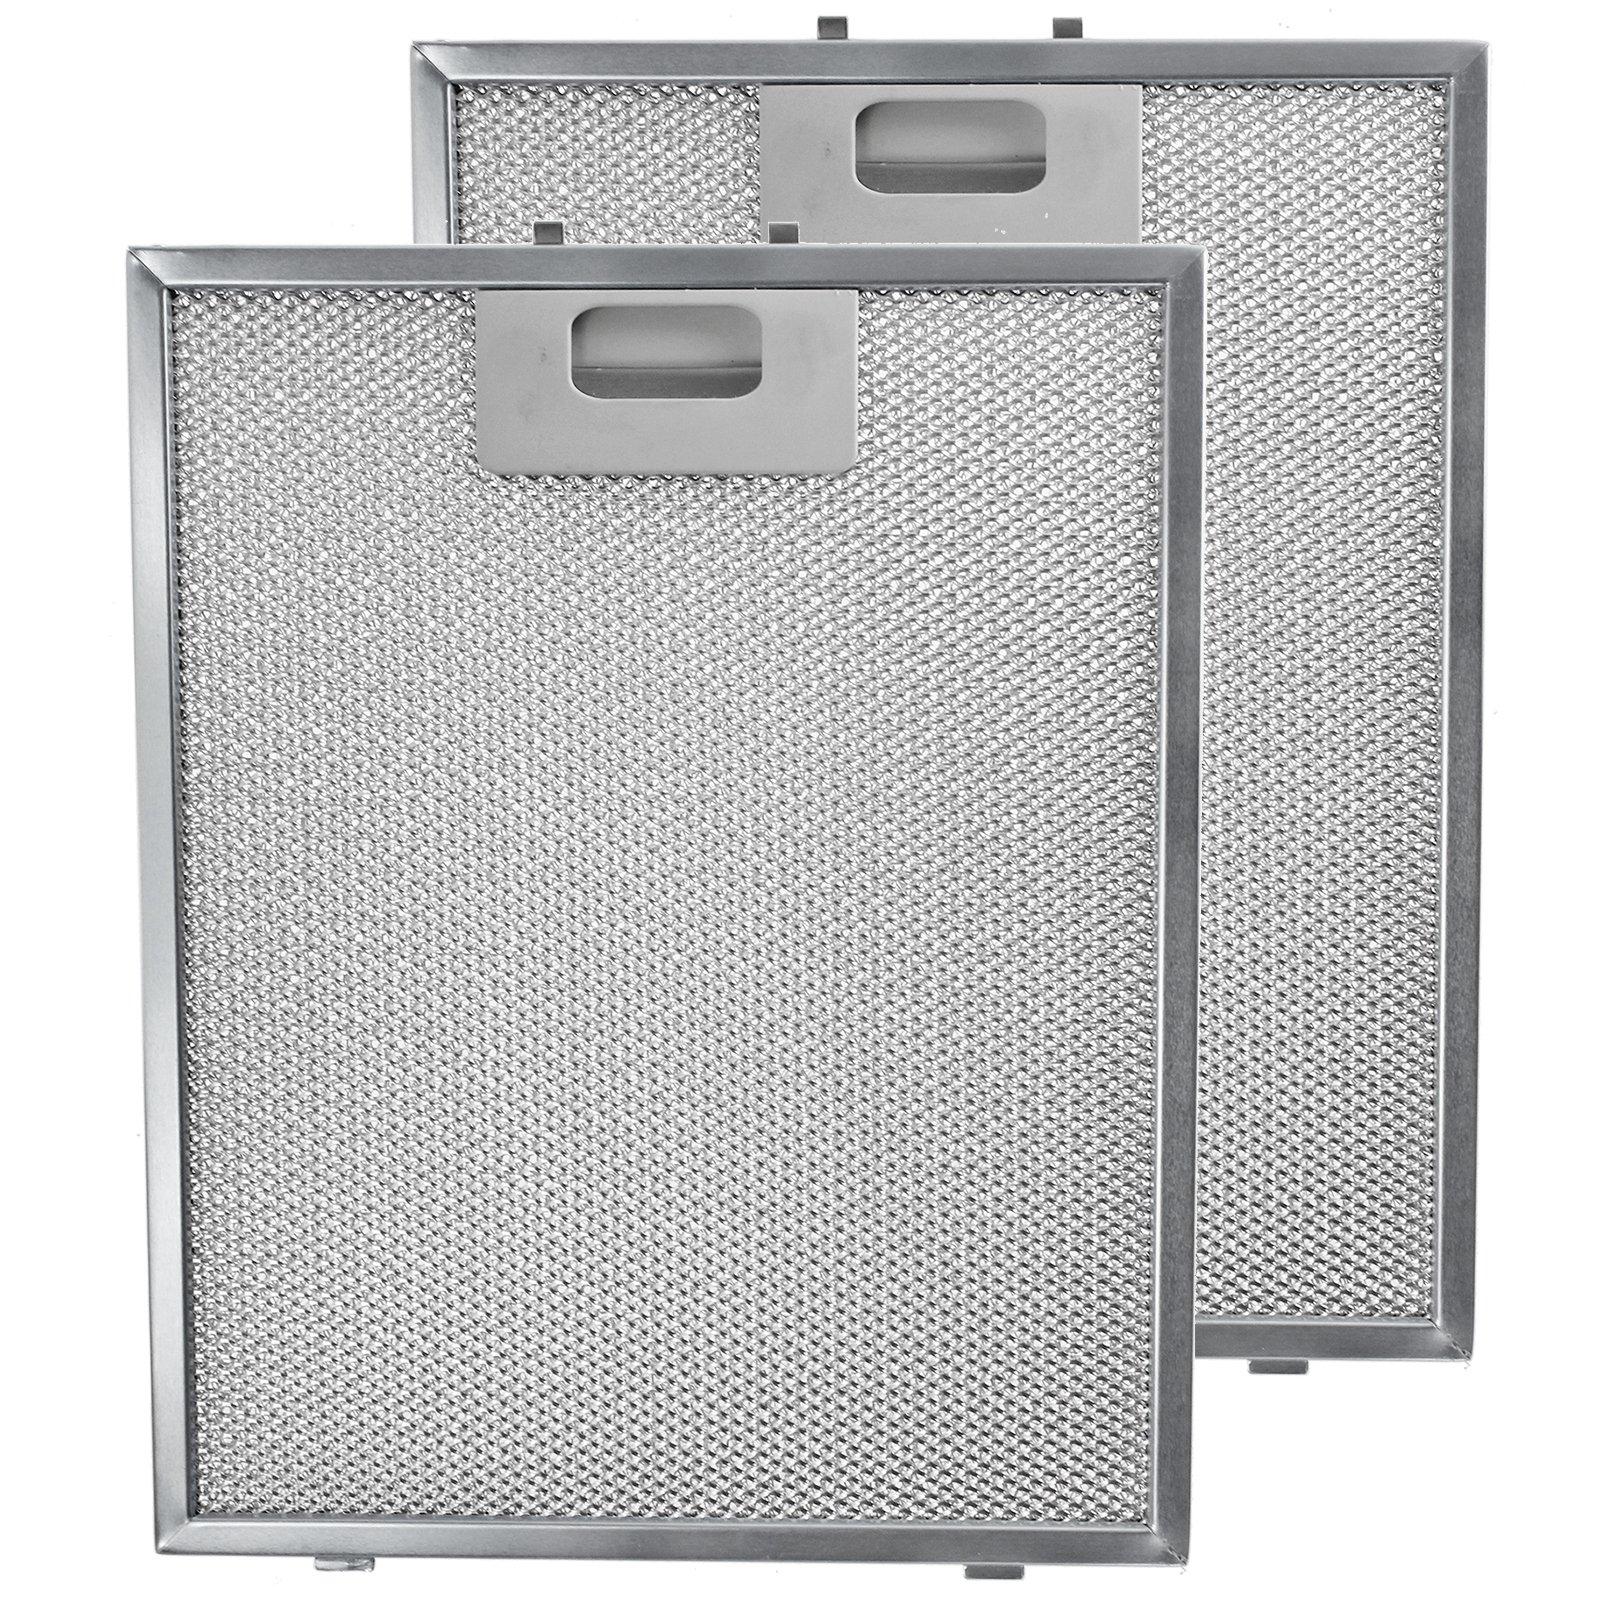 SPARES2GO - Filtro de malla de metal para campanas extractoras Caple, 2 filtros, 300 x 240 mm, color plateado: Amazon.es: Hogar